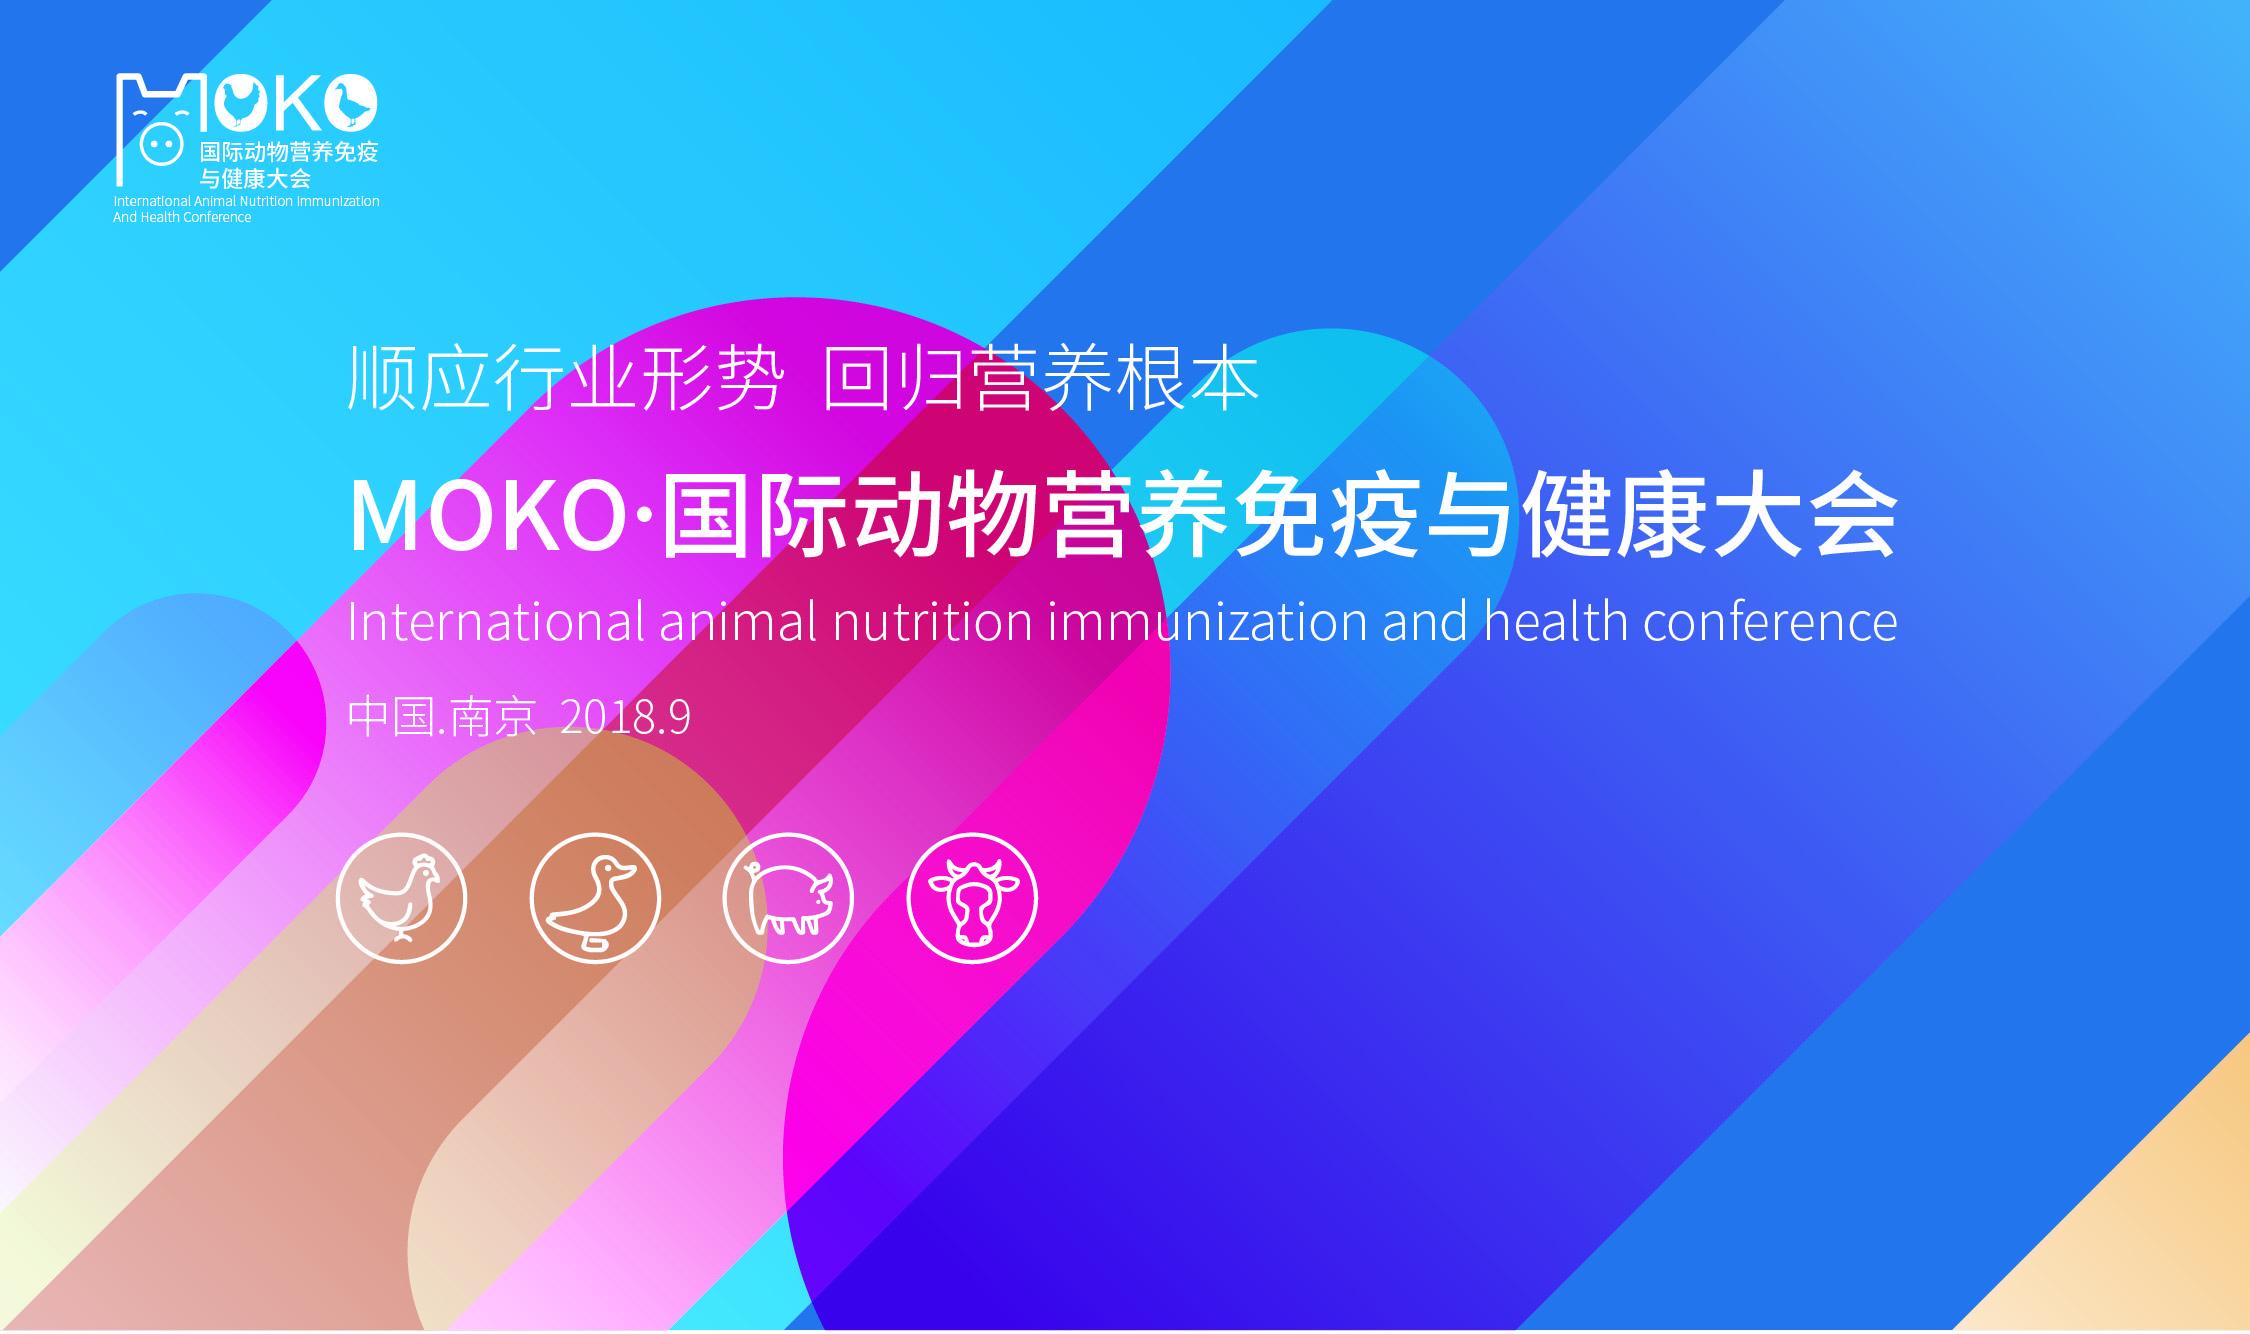 2018国际动物营养免疫与健康大会(MOKO)